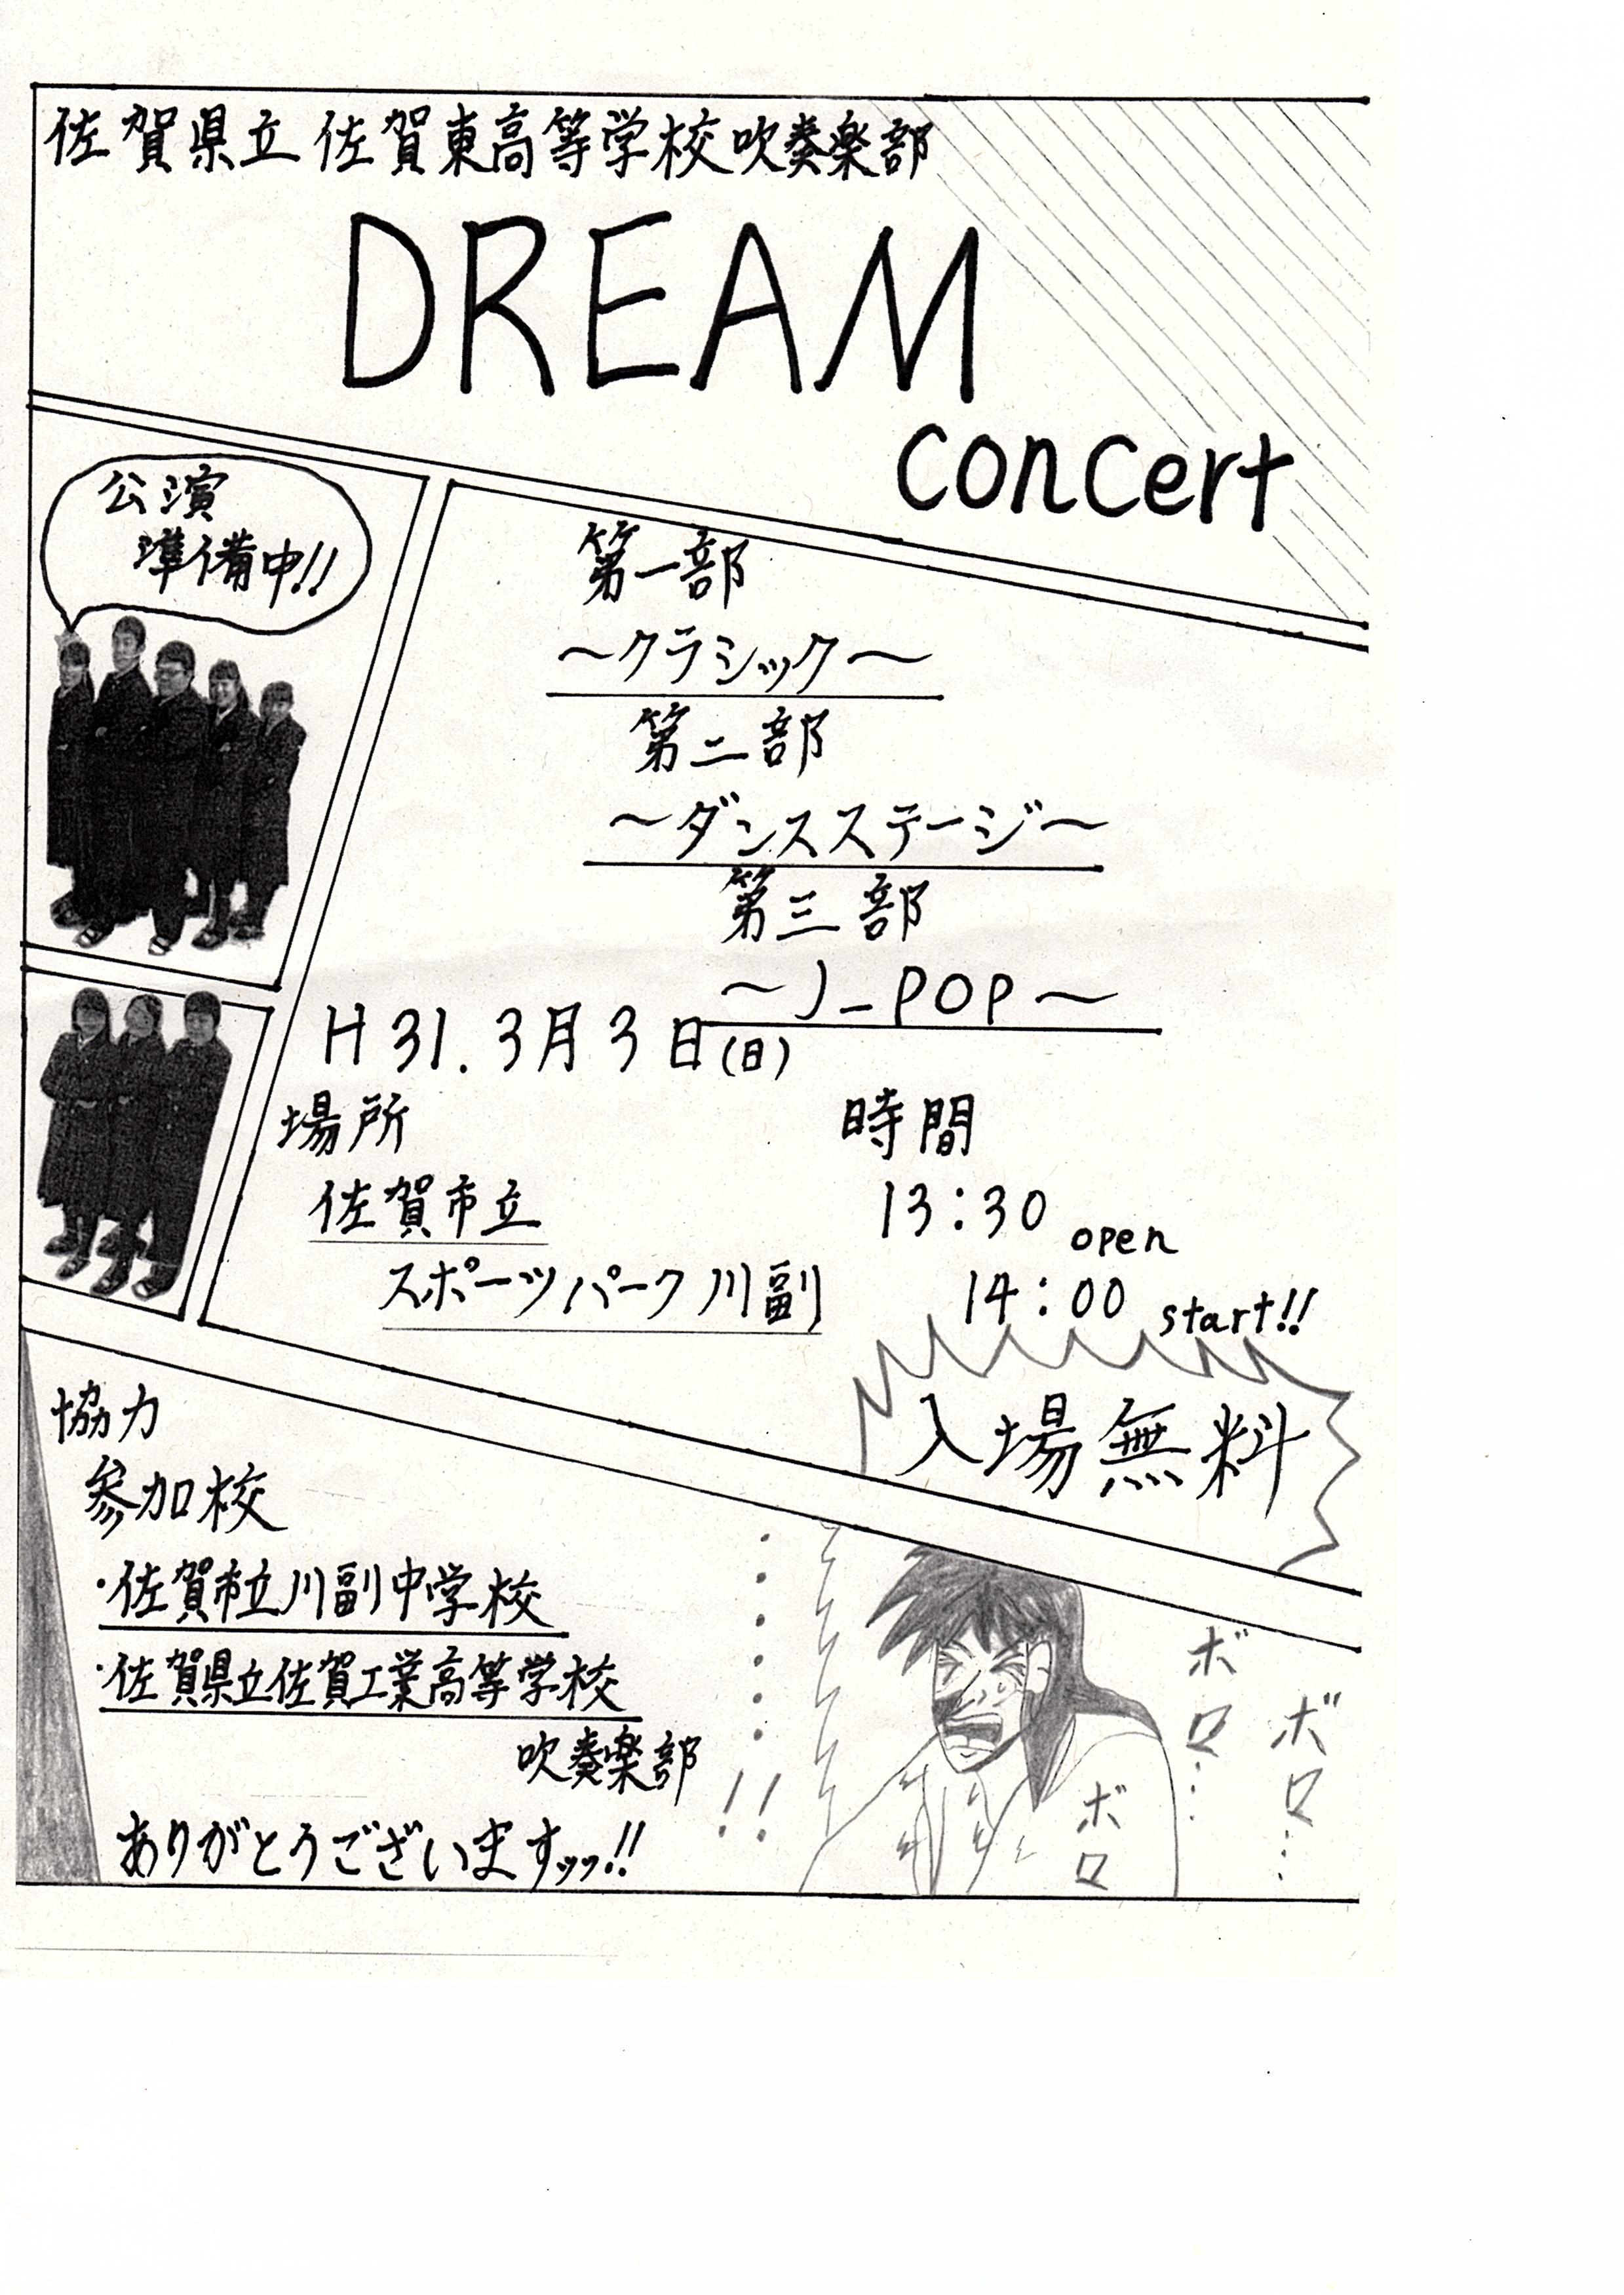 佐賀東高吹奏楽部『DREAM concert』